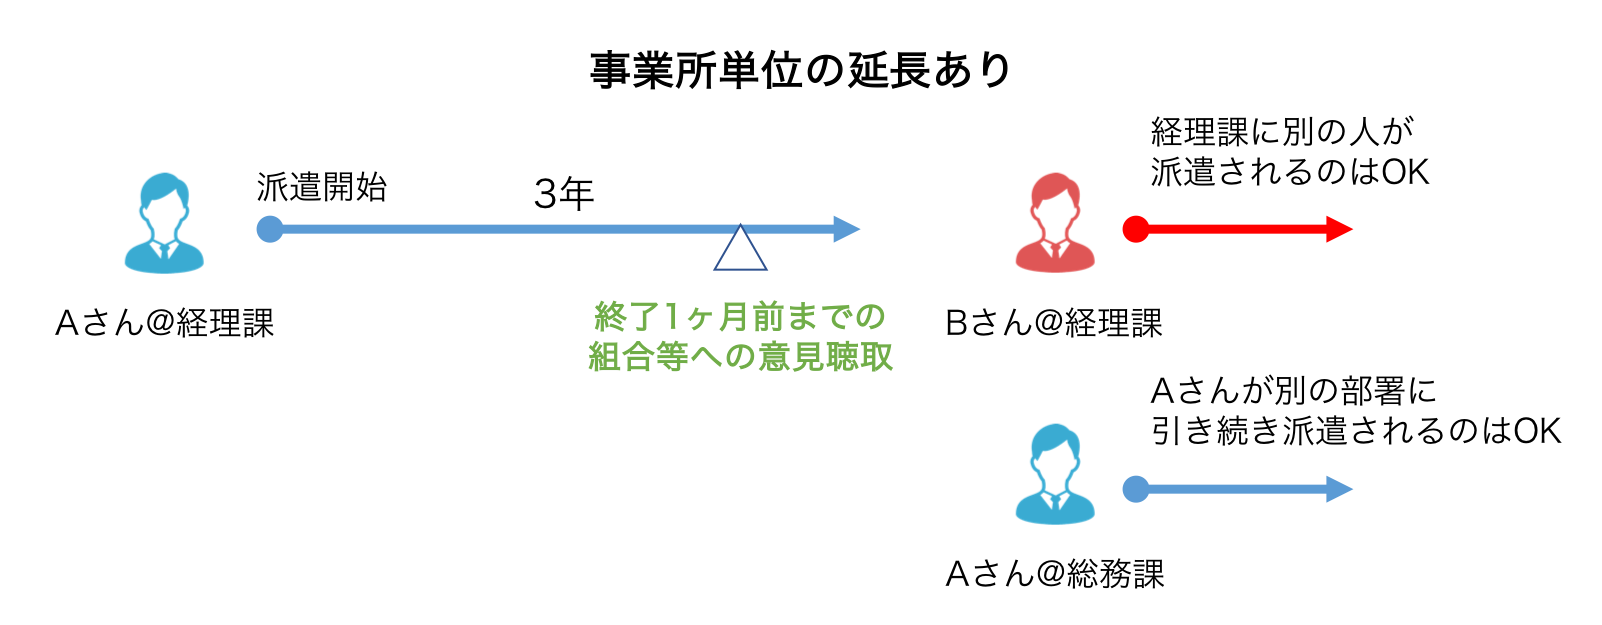 2 - 社会保険労務士事務所オフィスアールワン | 東京都千代田区